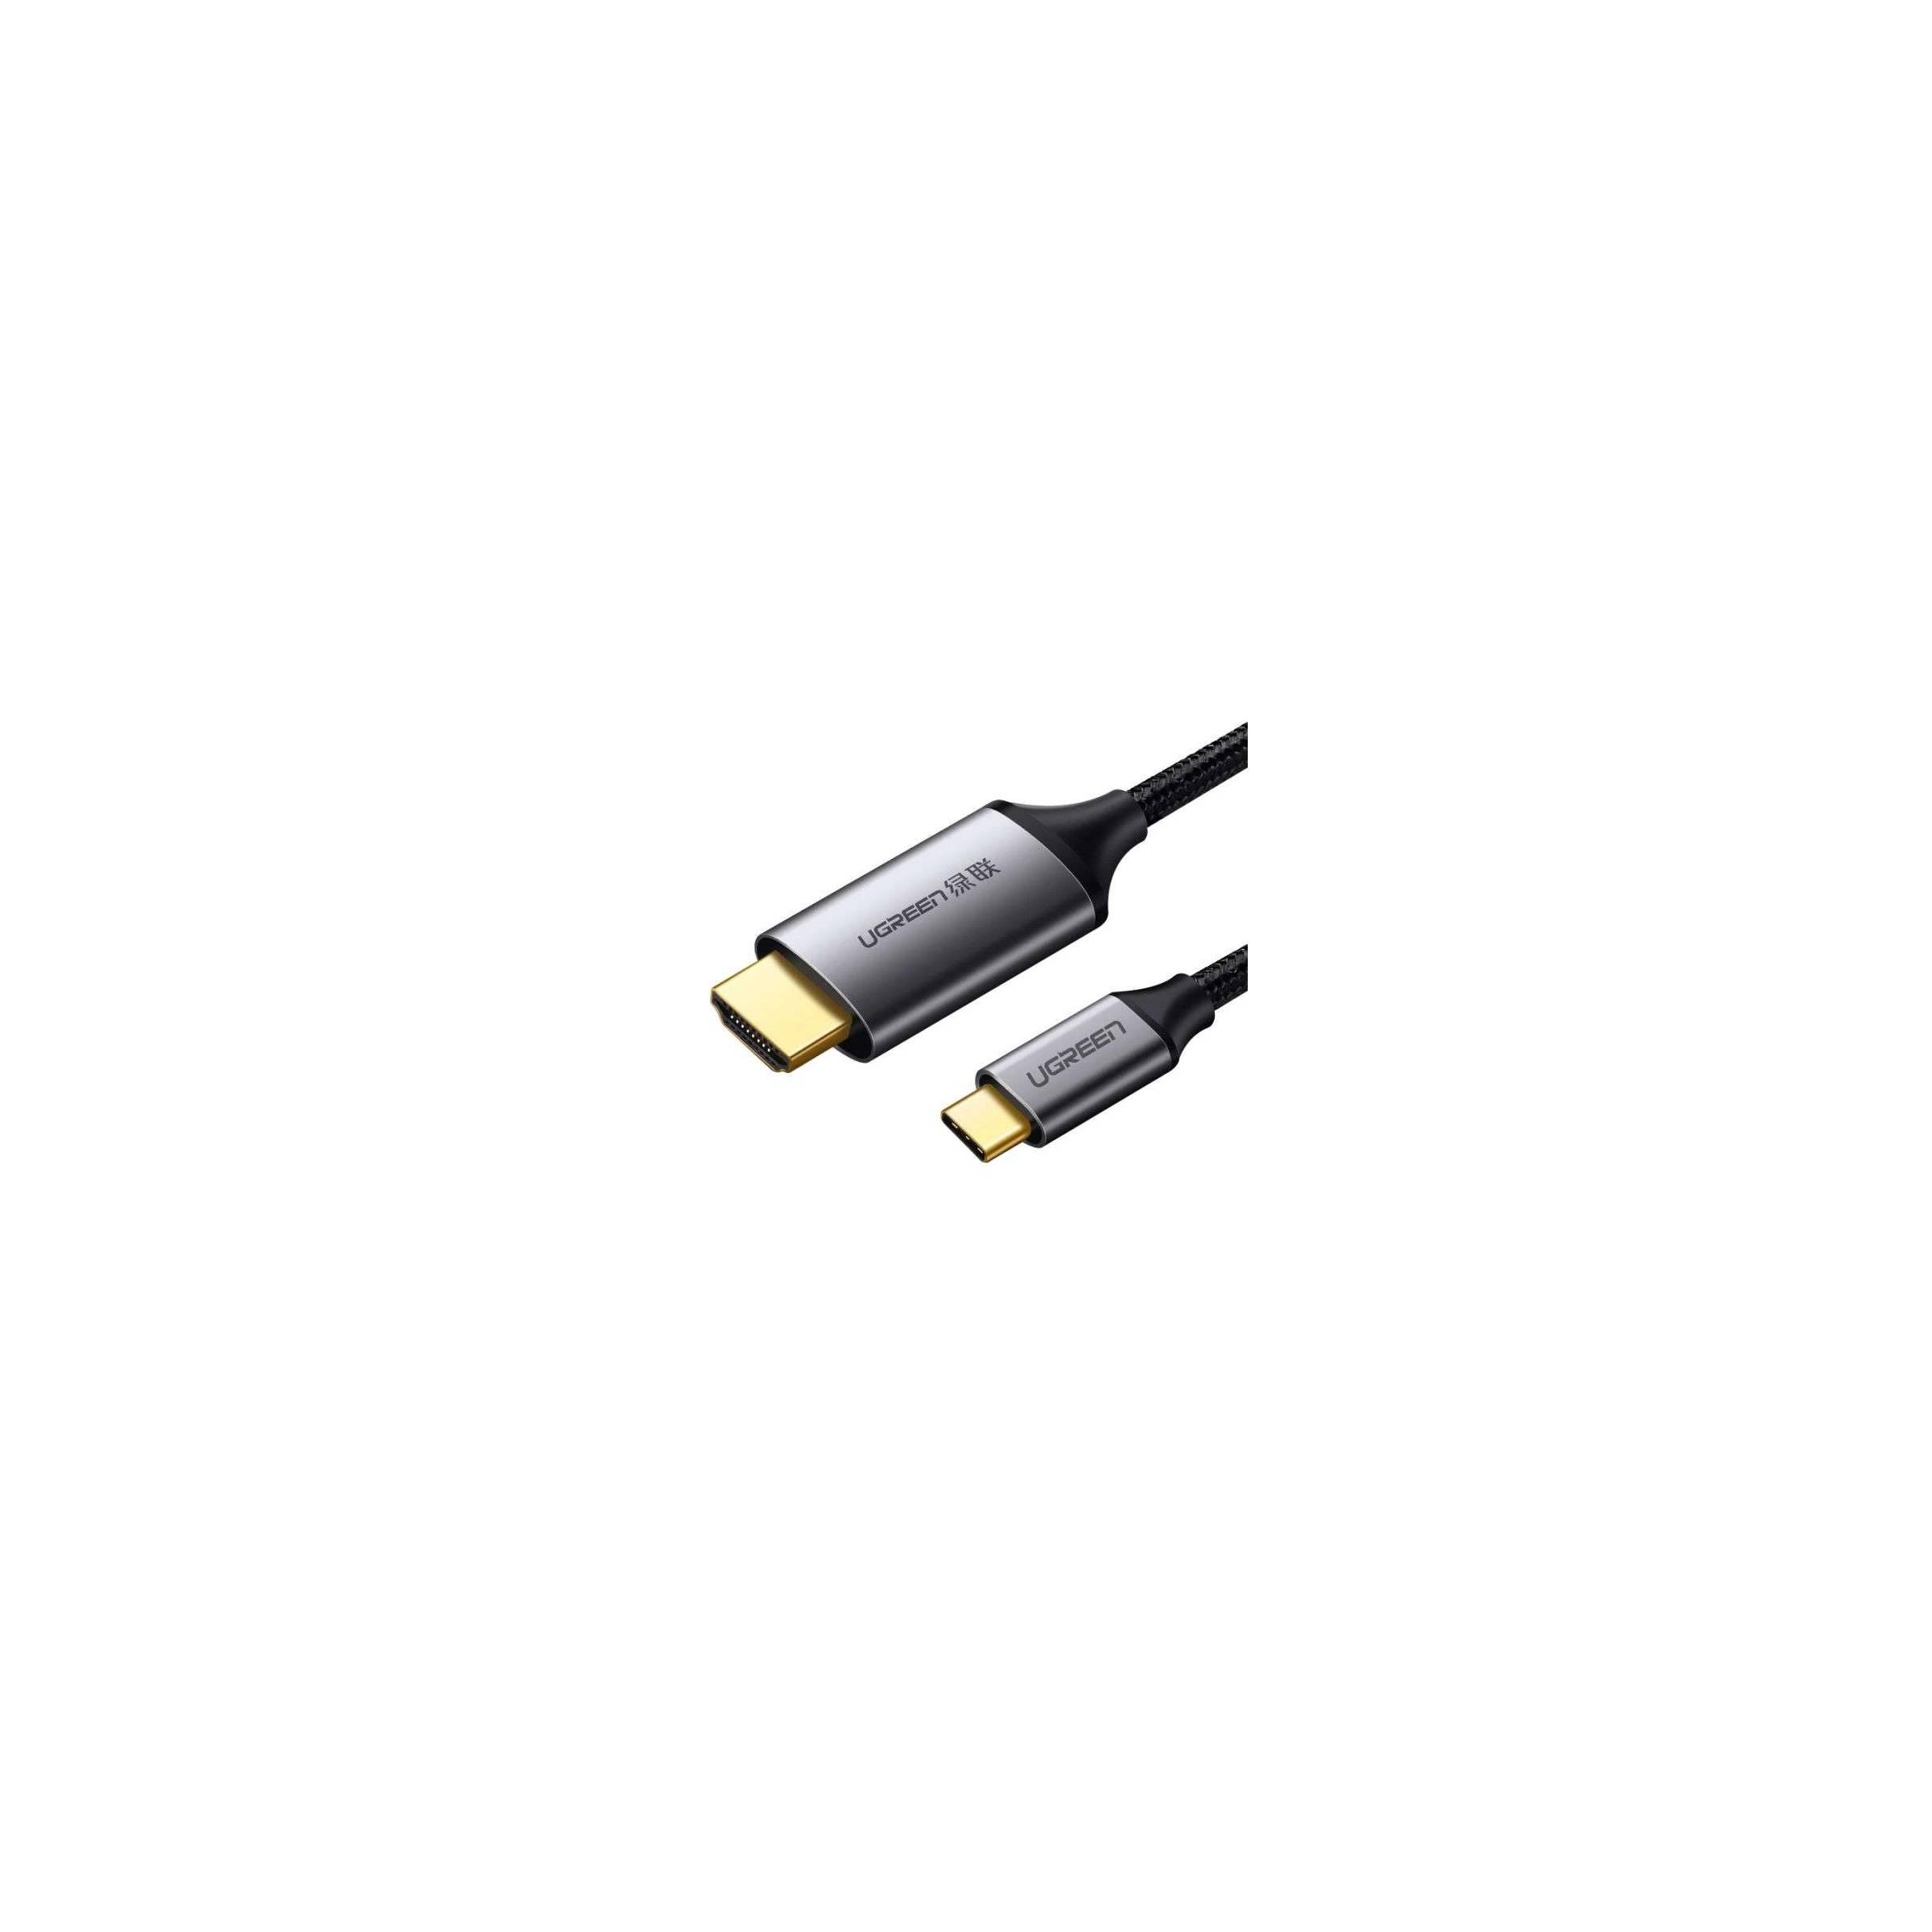 ugreen – Usb-c til hdmi kabel i grå på 1,5m ugreen på mackabler.dk